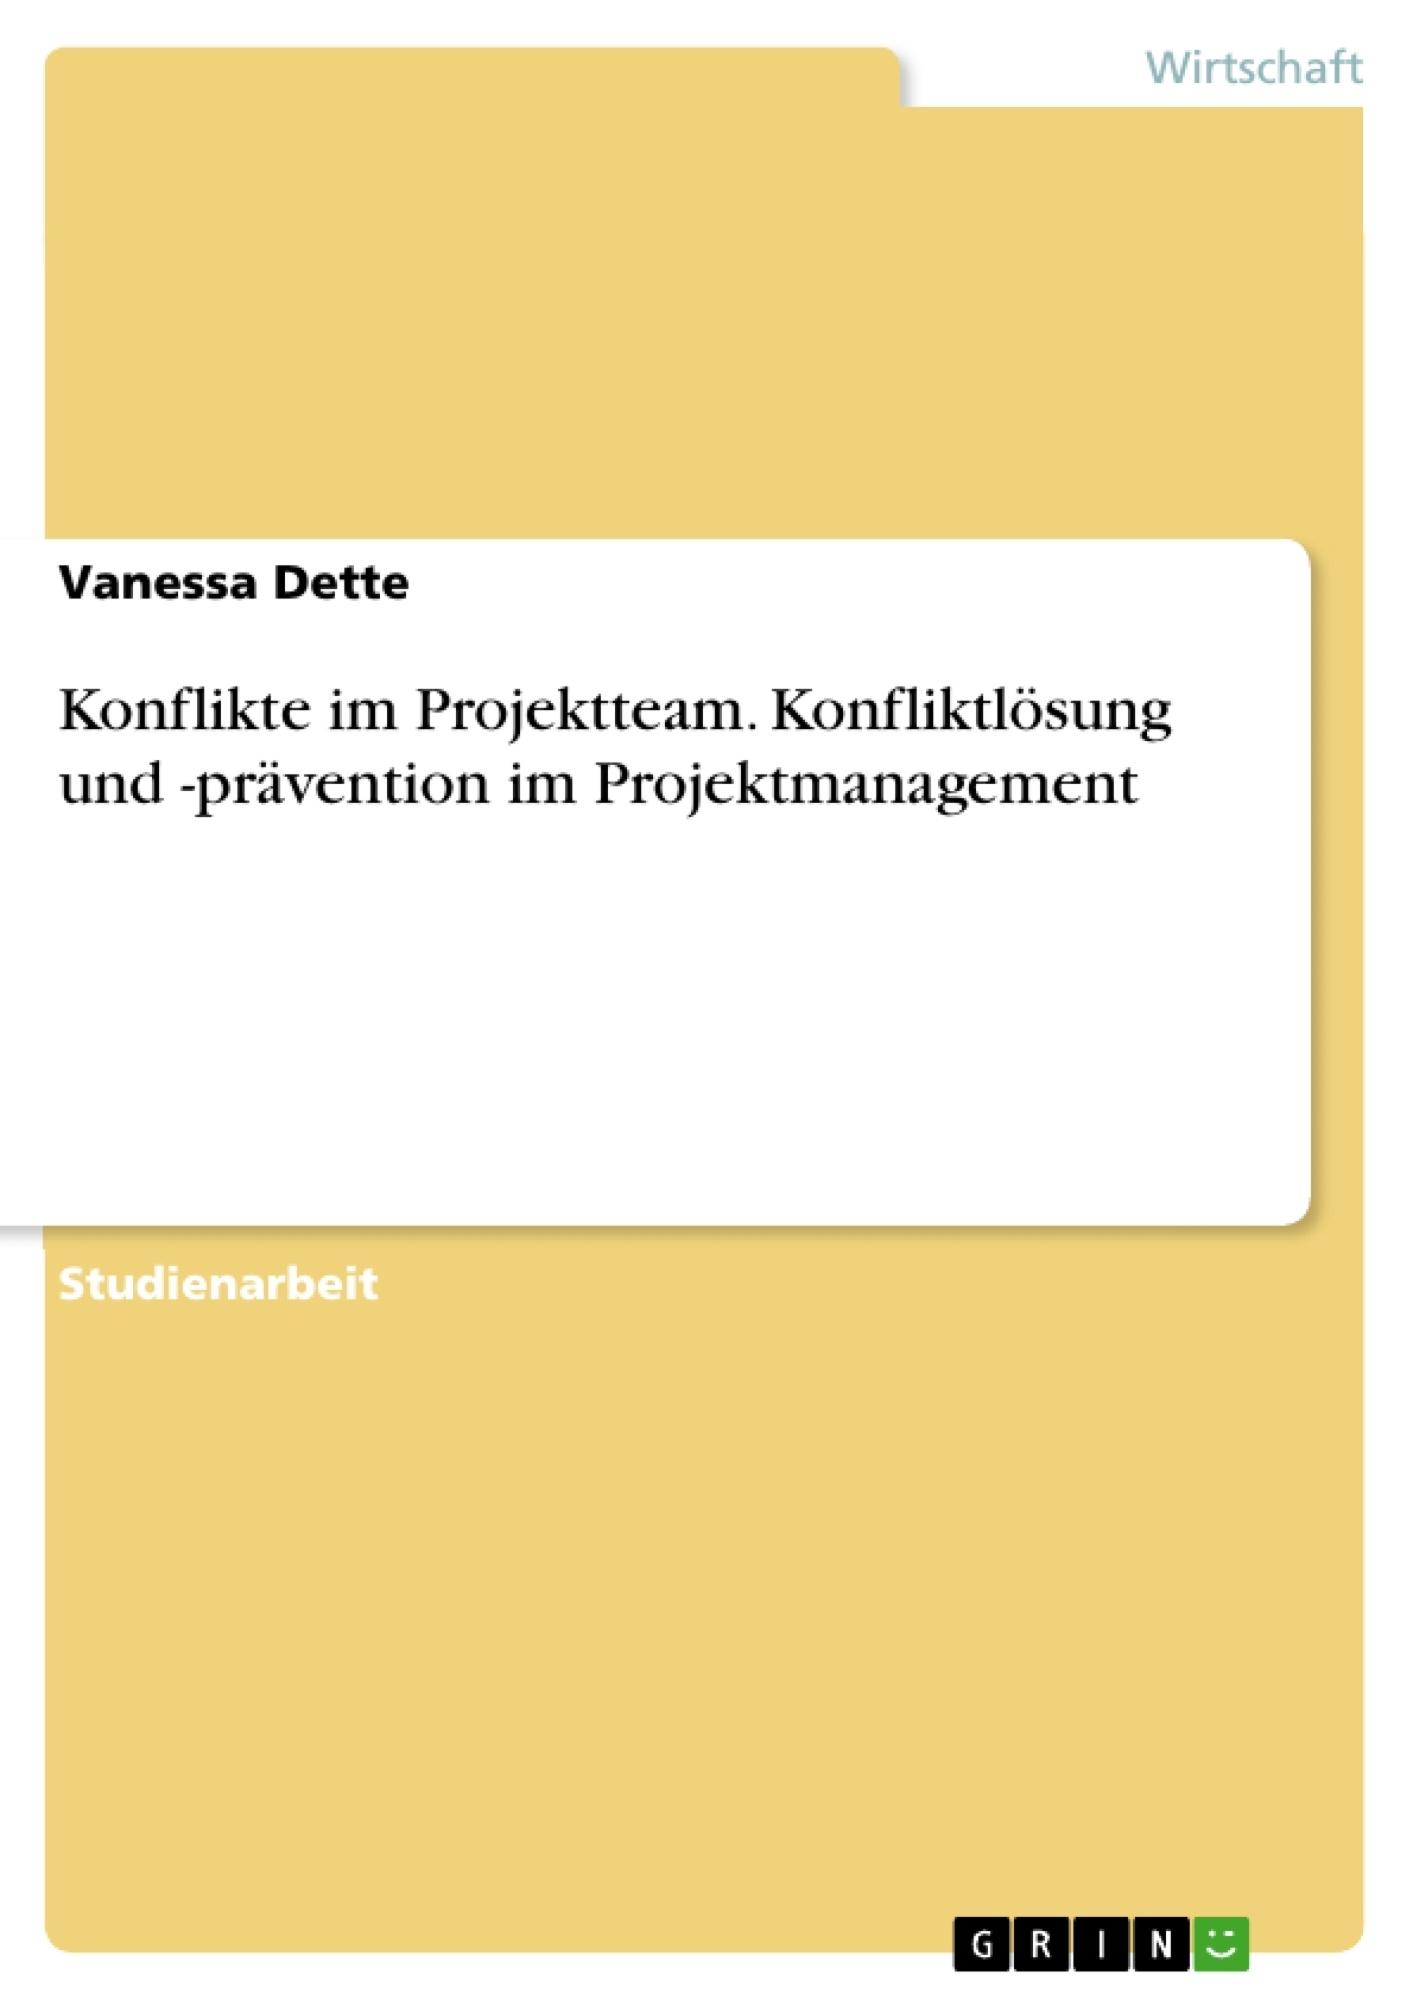 Titel: Konflikte im Projektteam. Konfliktlösung und -prävention im Projektmanagement